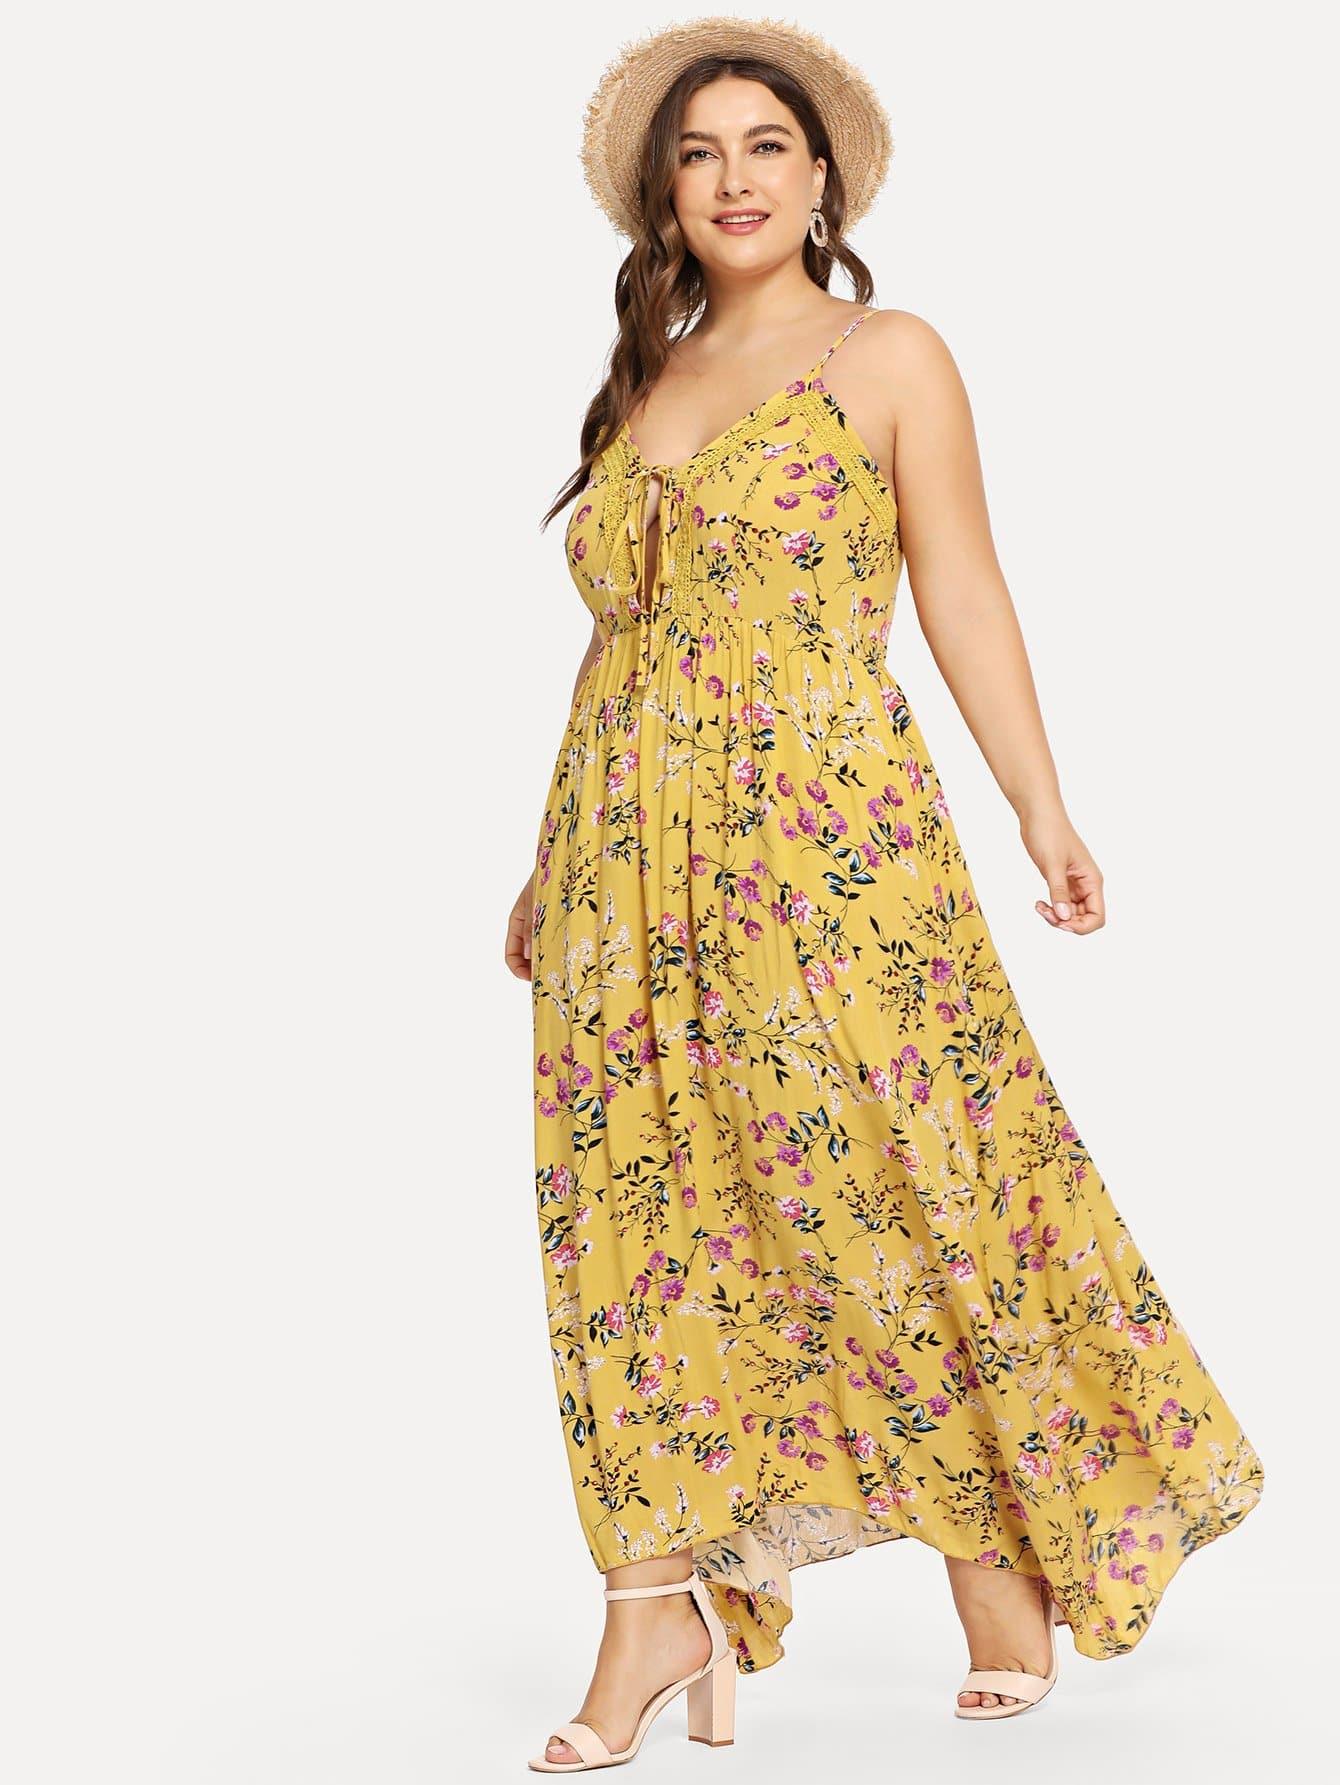 Купить Плюс размеры цветочное Cami платье с глубоким вырезом, Franziska, SheIn